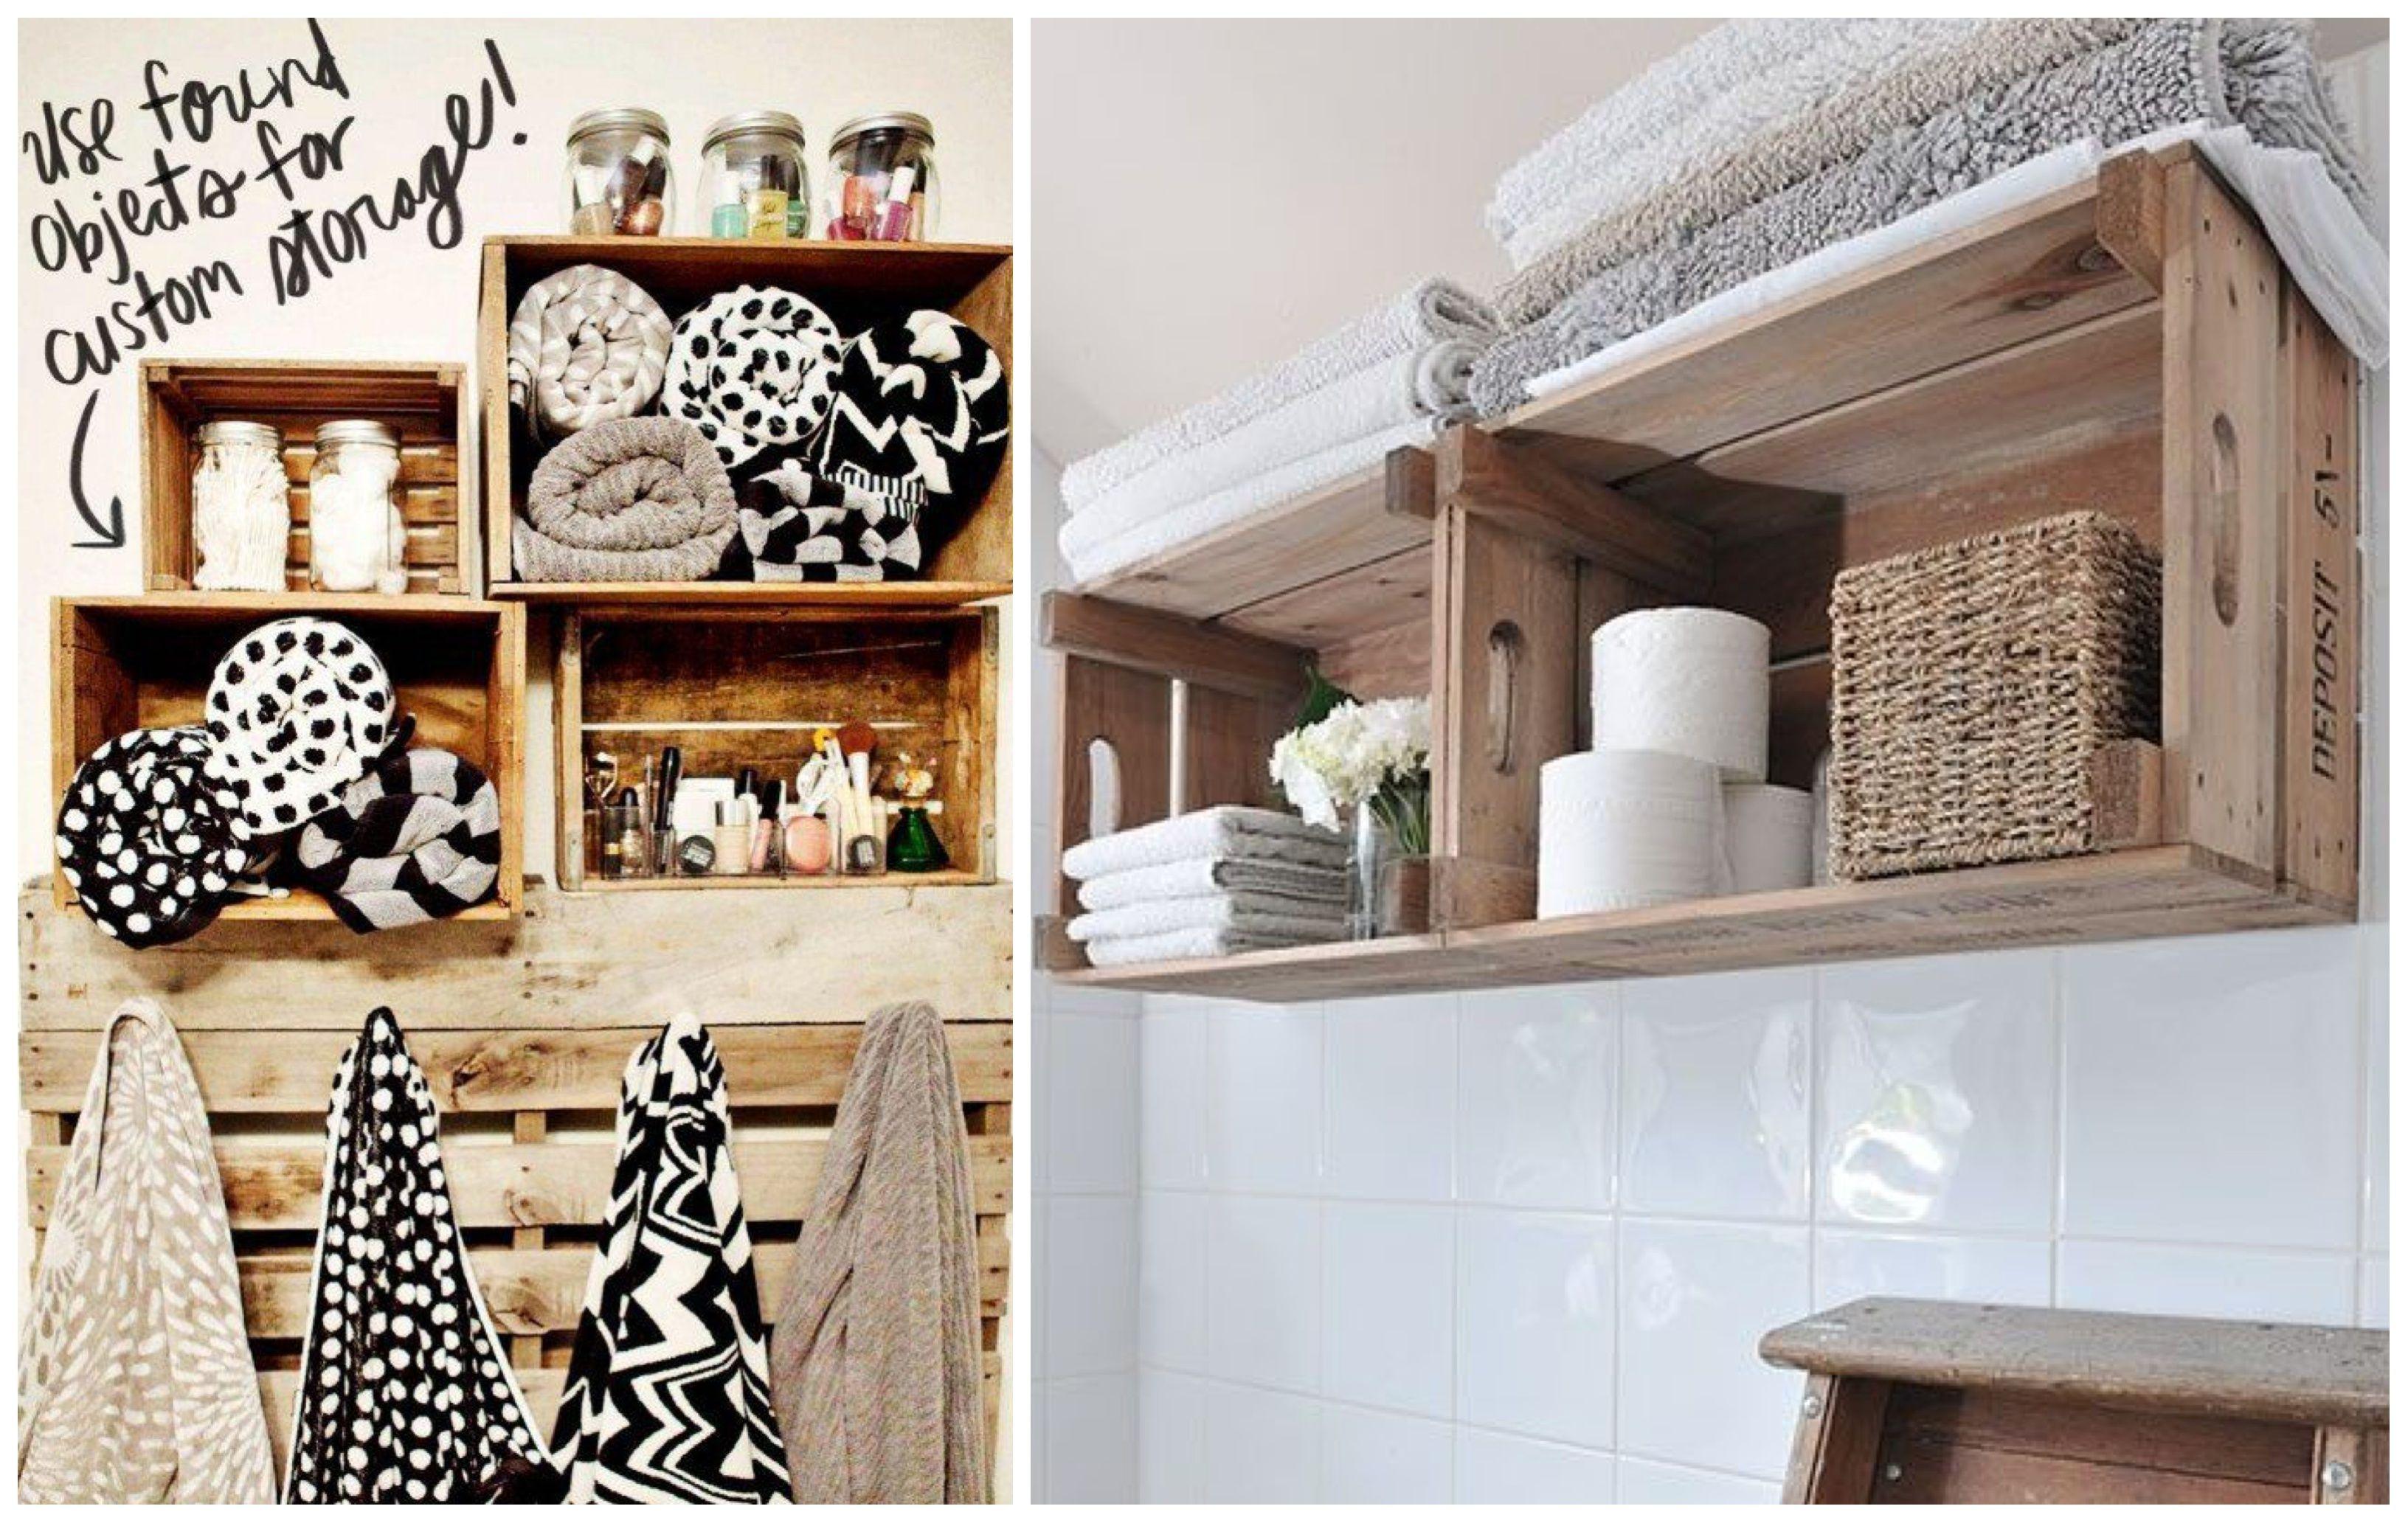 43 idées de petit rangement abordable pour l'appartement ! | Organizations and Storage